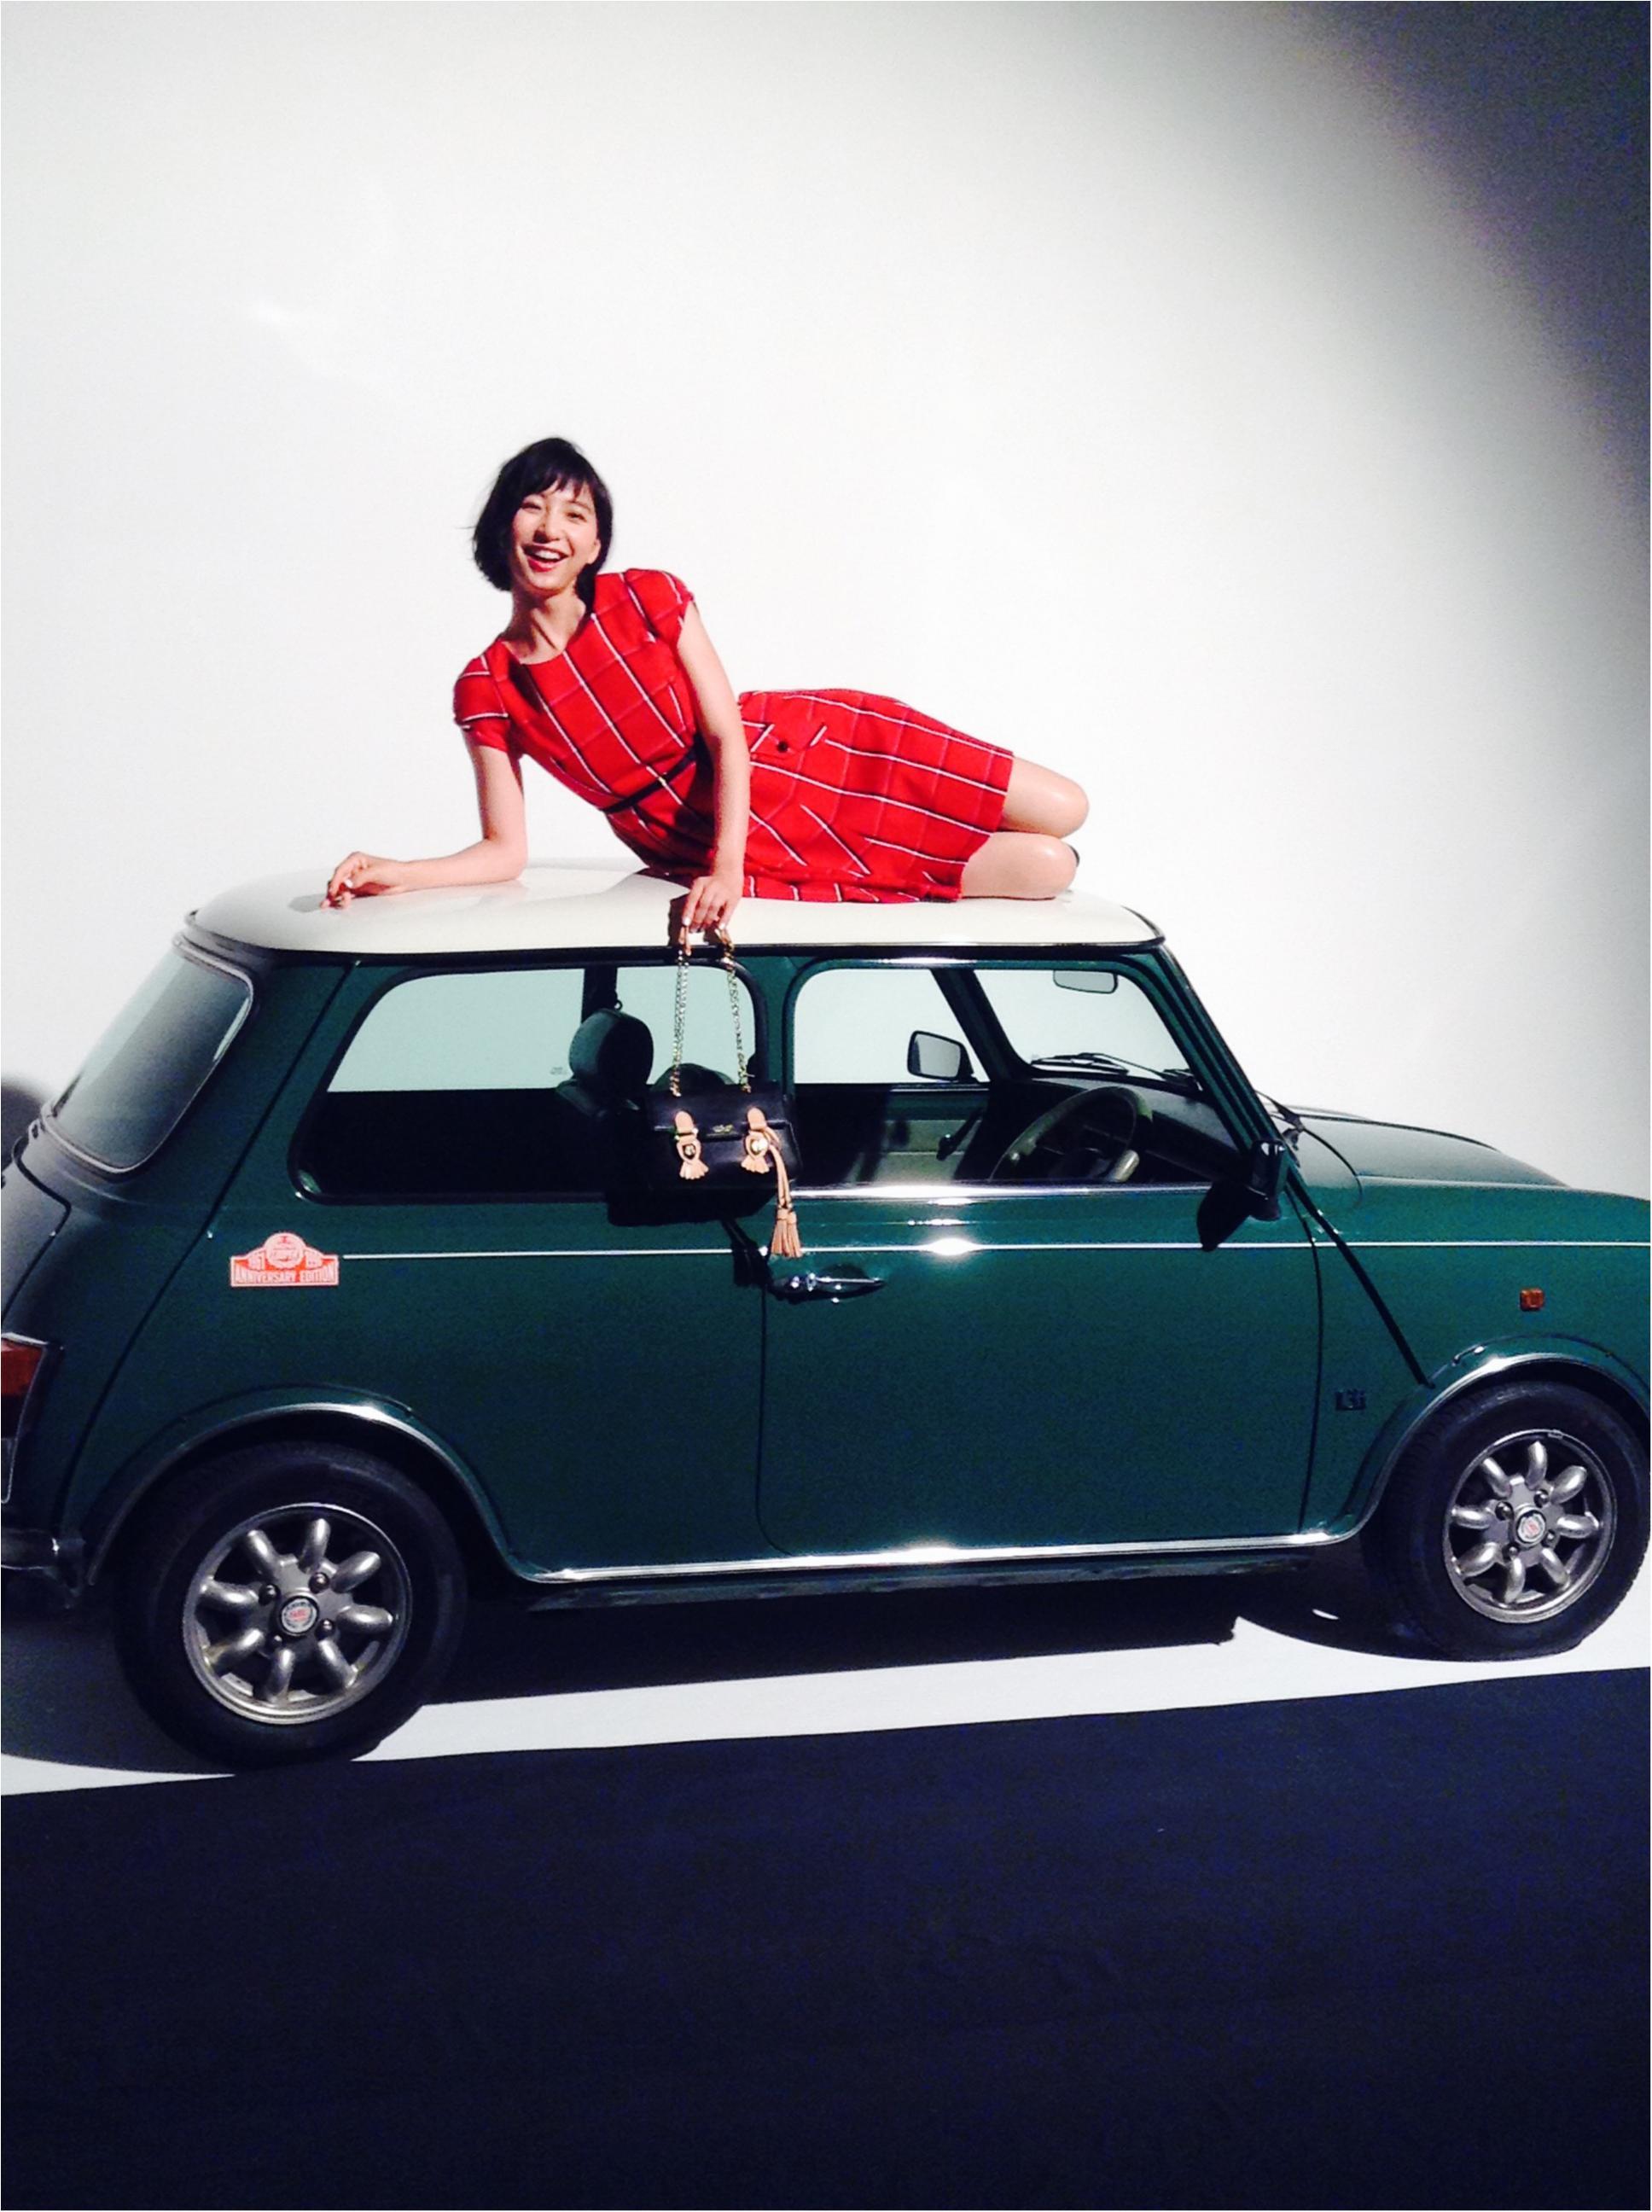 【オフショット】篠田麻里子の愛車? _2